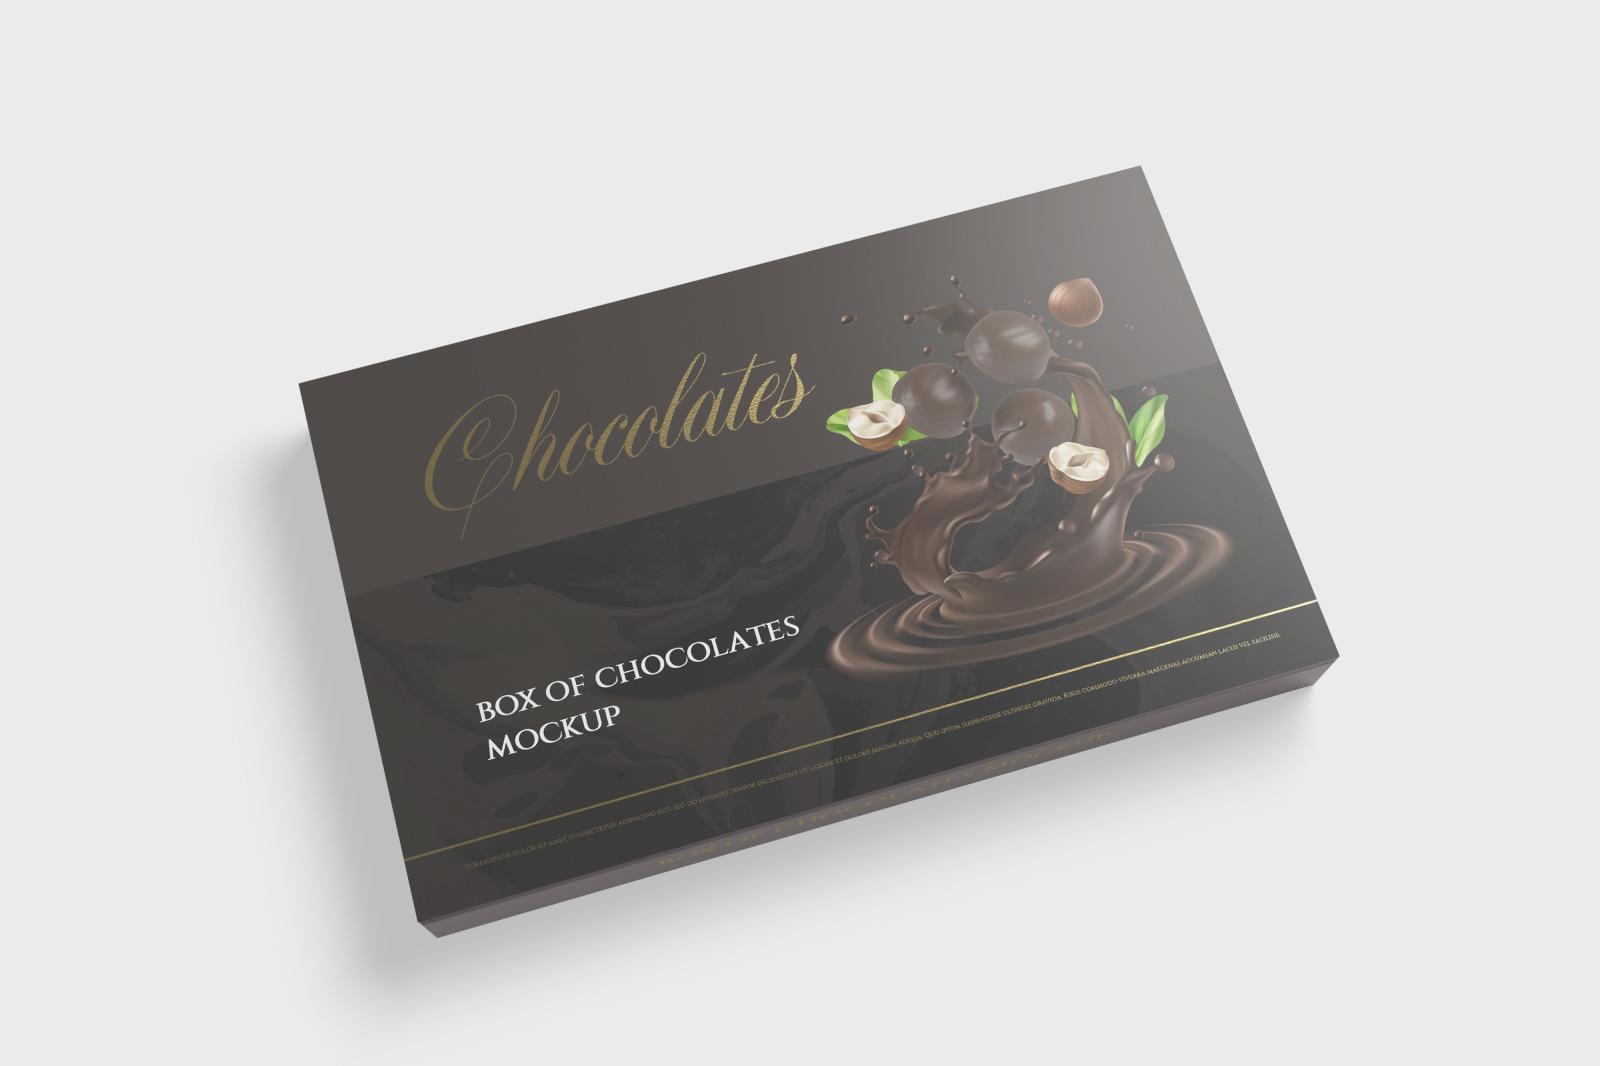 7款金箔效果巧克力包装纸盒设计展示样机 Box Of Chocolates Mockup插图(3)